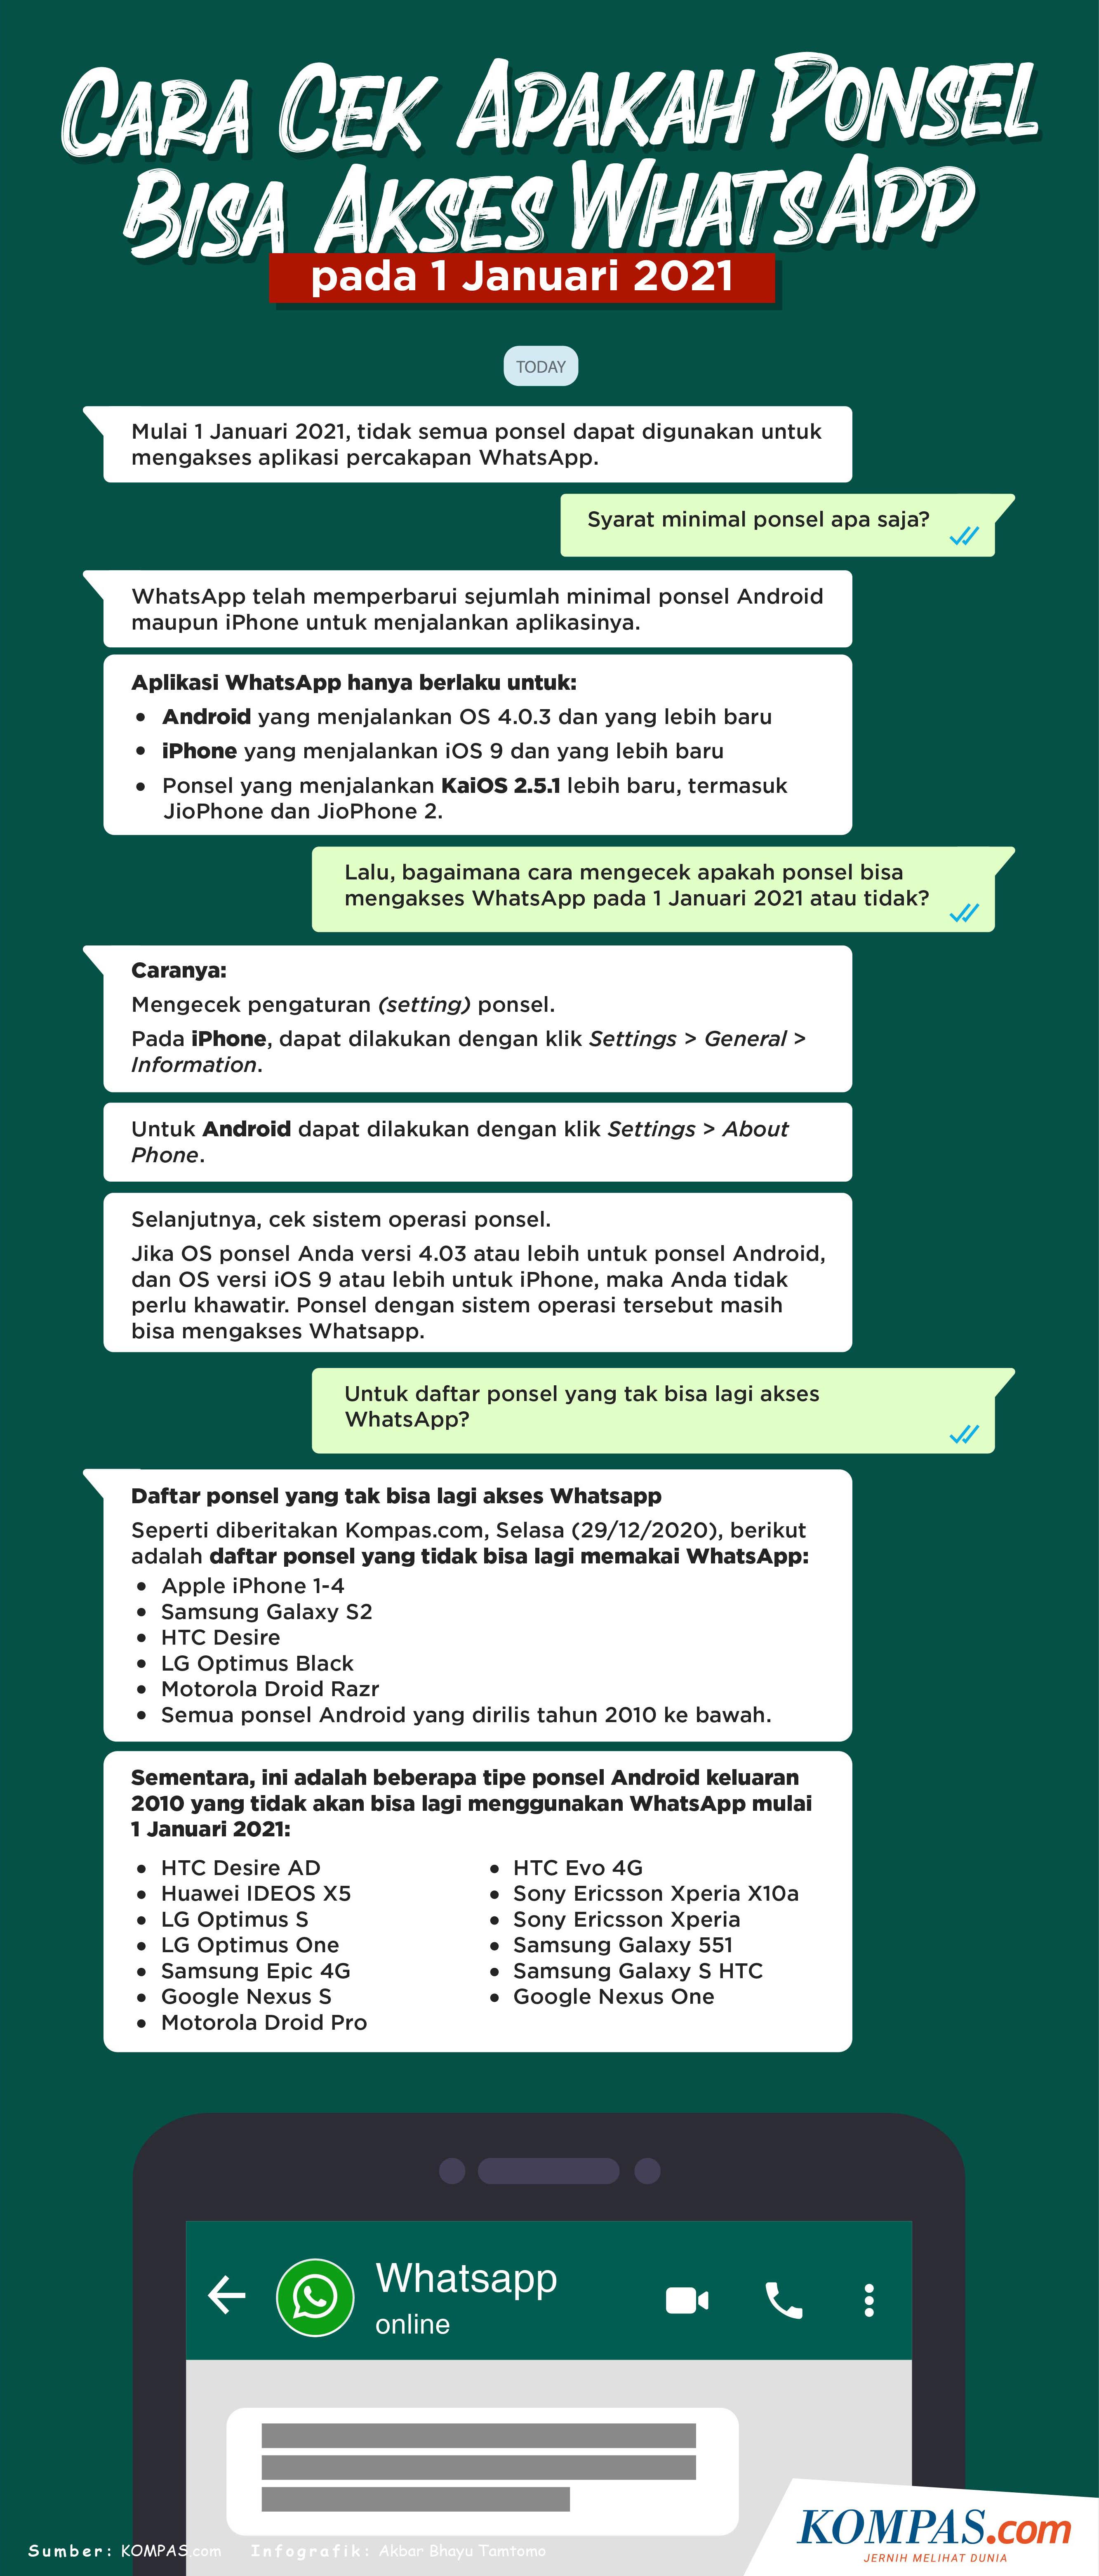 Infografik Cara Cek Apakah Ponsel Bisa Akses Whatsapp Pada 1 Januari 2021